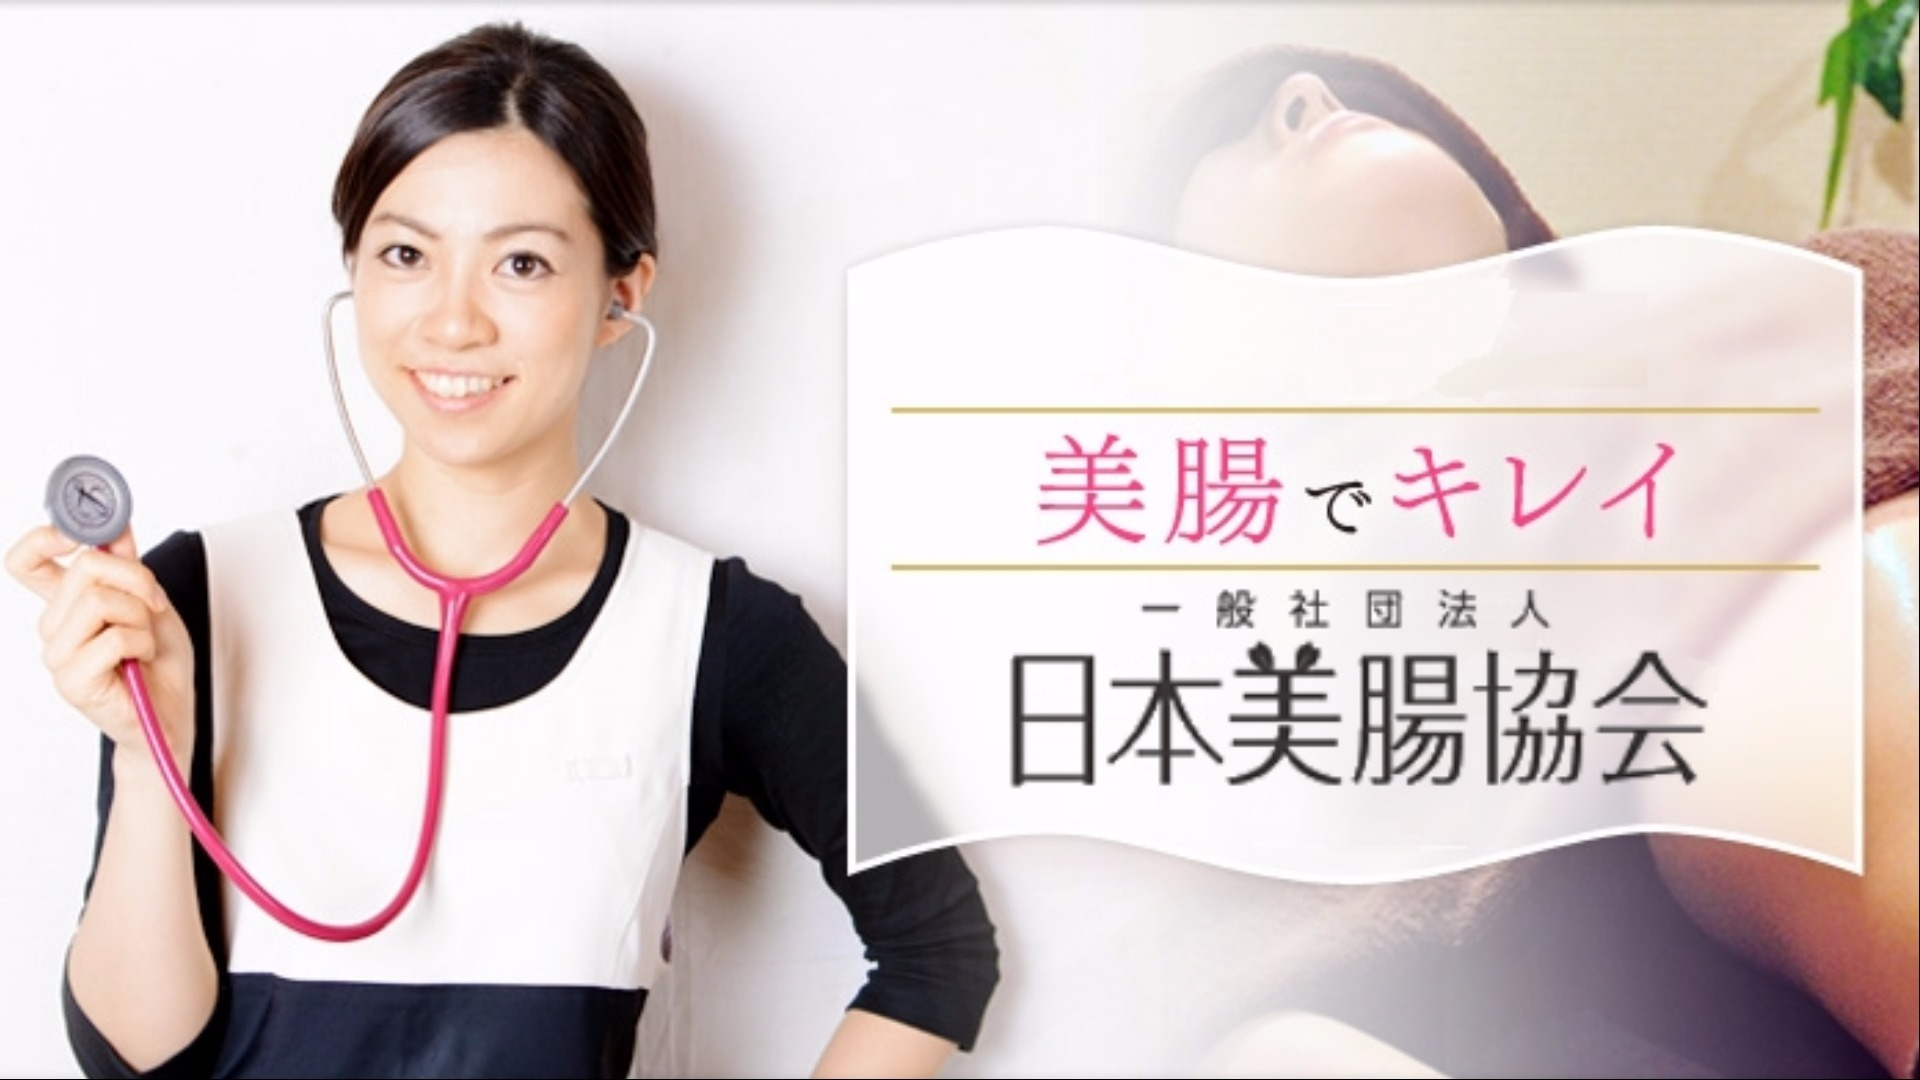 小野咲 - 日本美腸協会 - DMM オンラインサロン